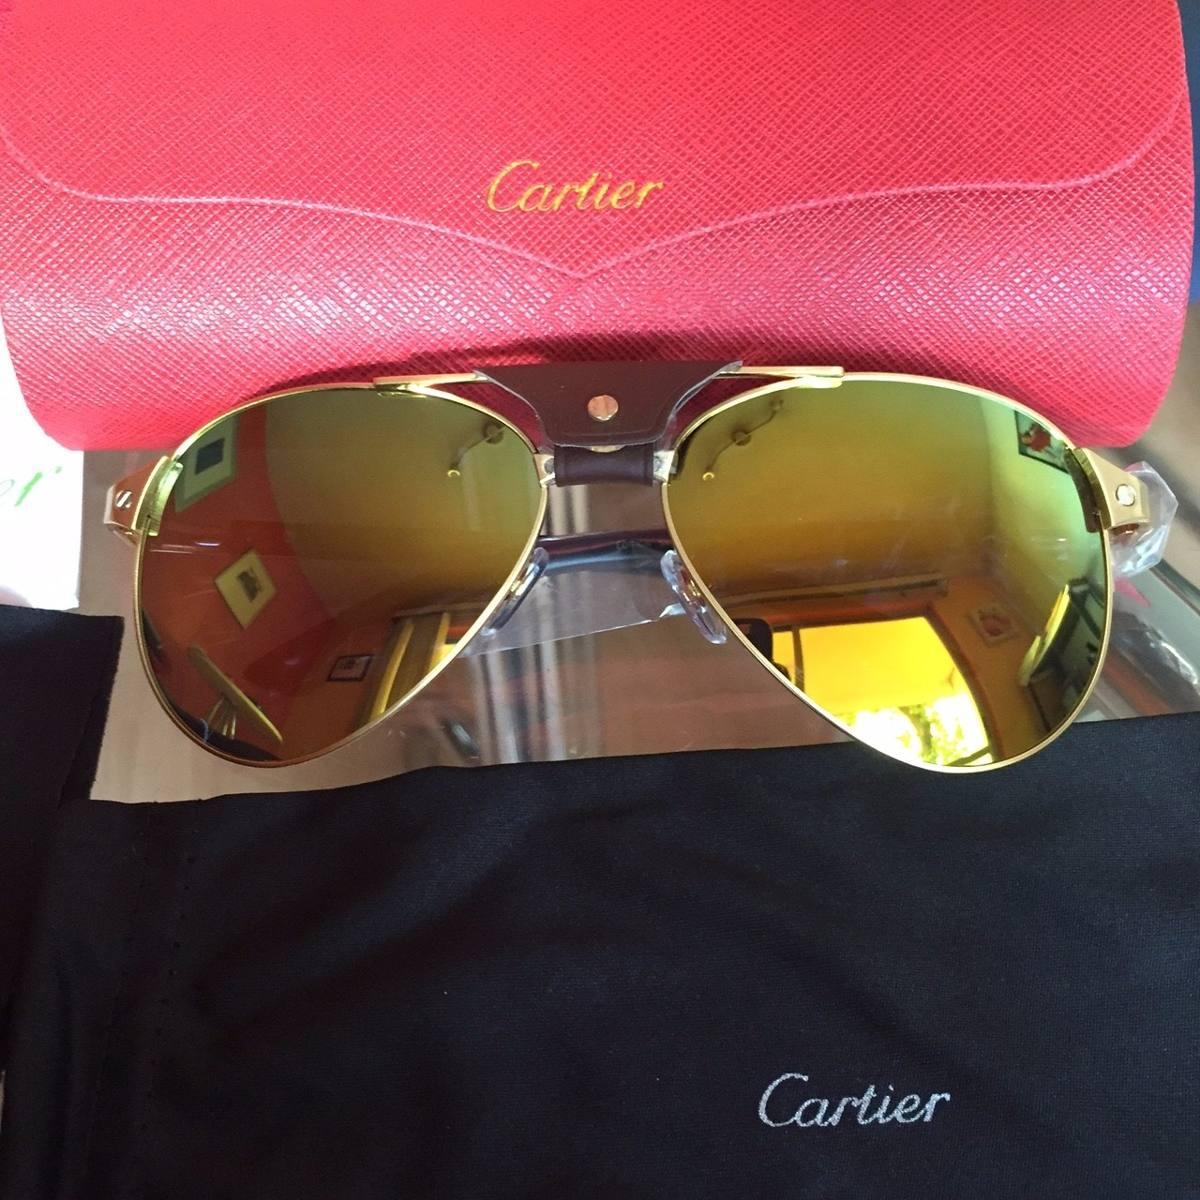 991a43c02d74b Lentes Cartier Santos Dumont Polarizados Edición Especial -   3,999.00 en  Mercado Libre